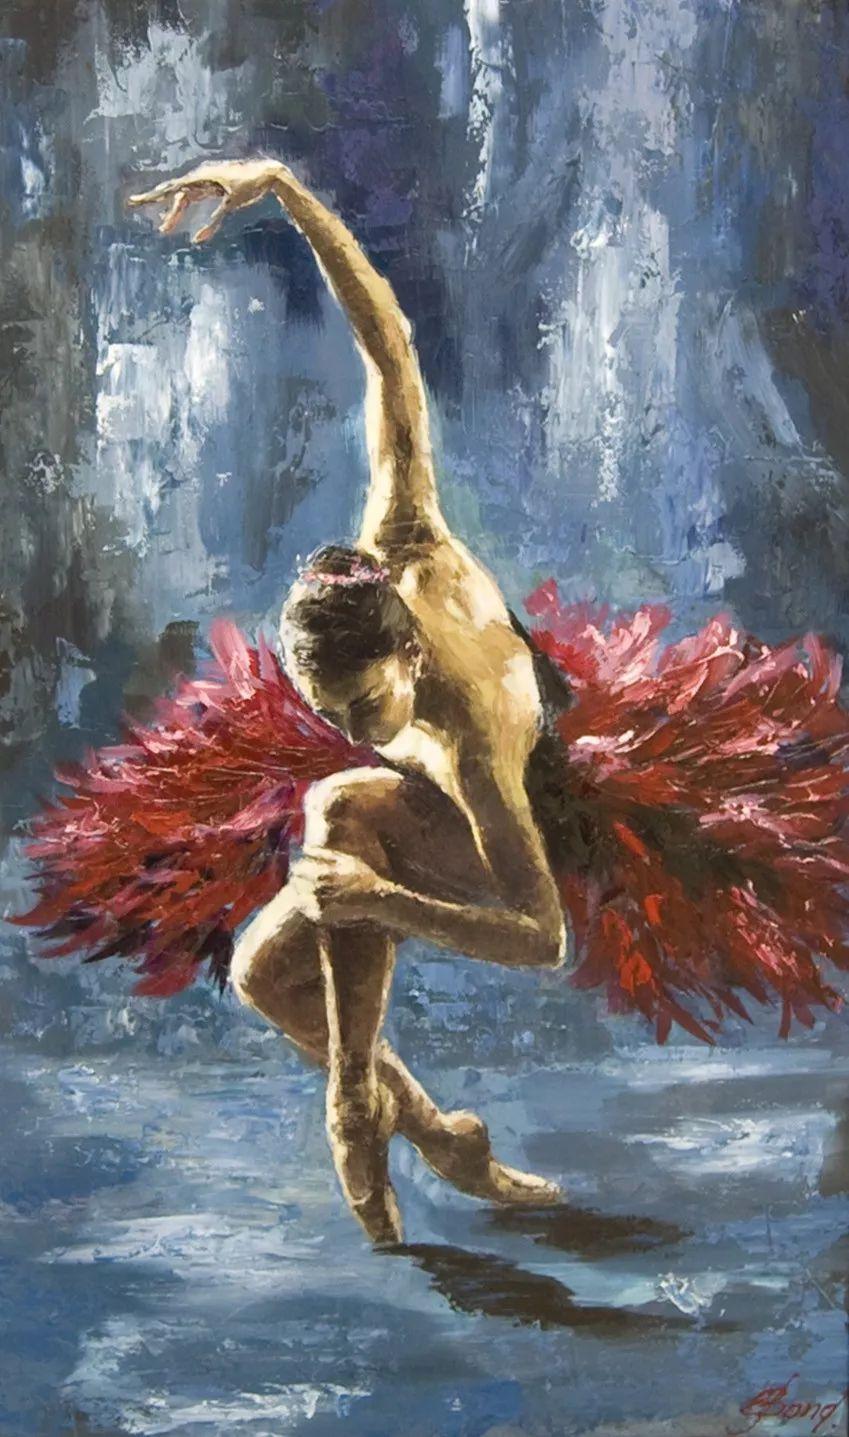 三位画家对女性的美诠释:或温婉含蓄,或妩媚娇艳,或律动健康插图20